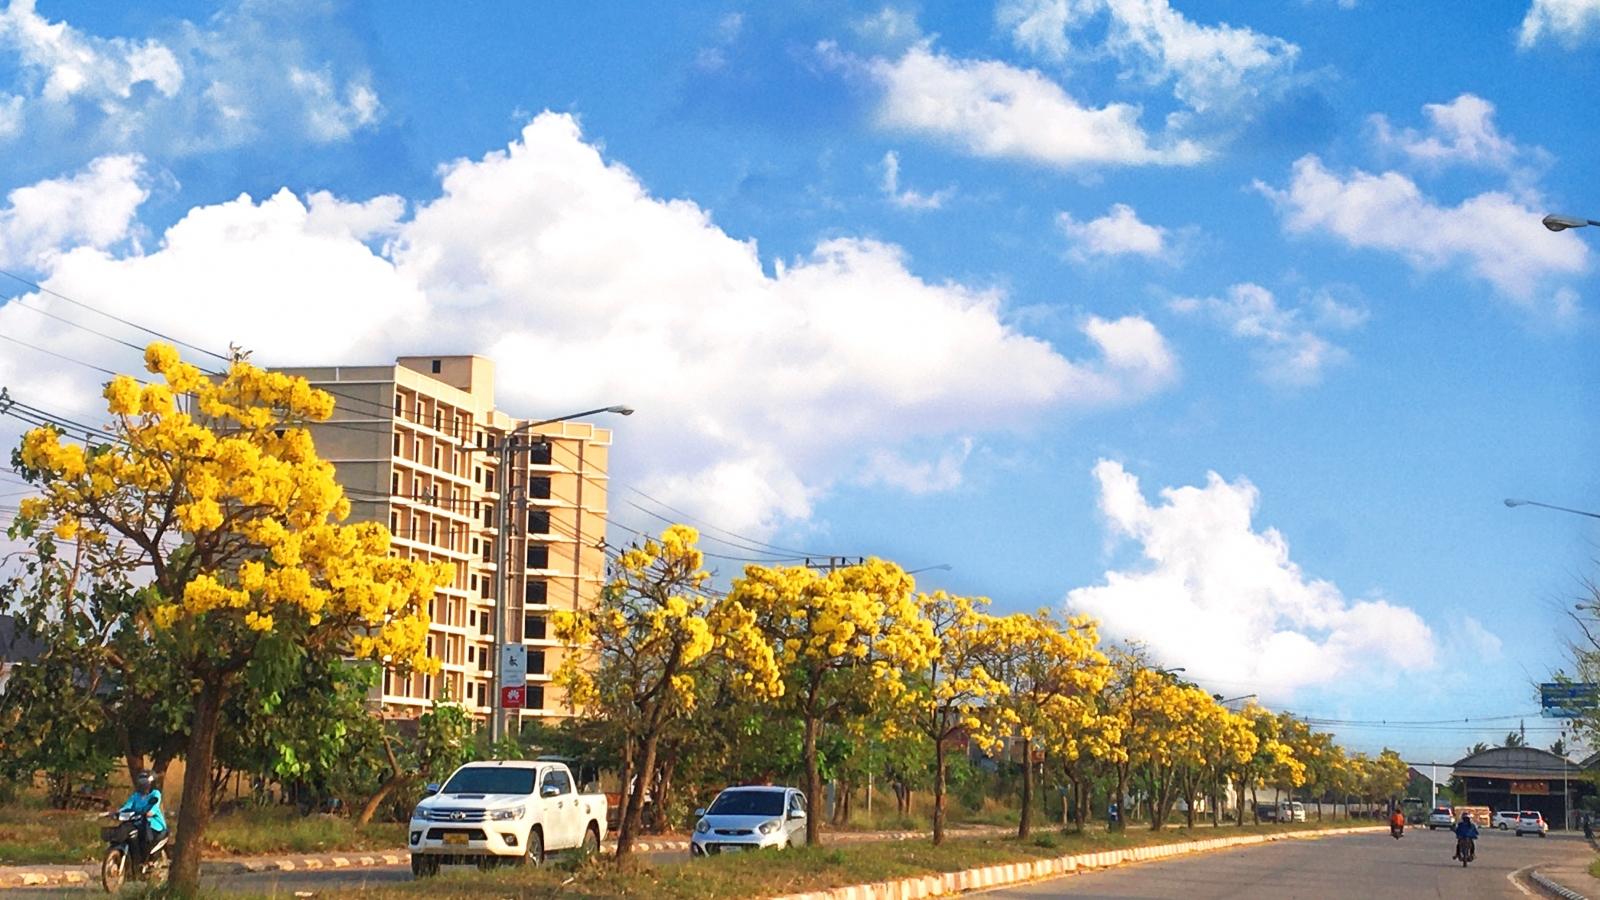 Ấn tượng với xứ sở trời xanh, mây trắng, hoa vàng